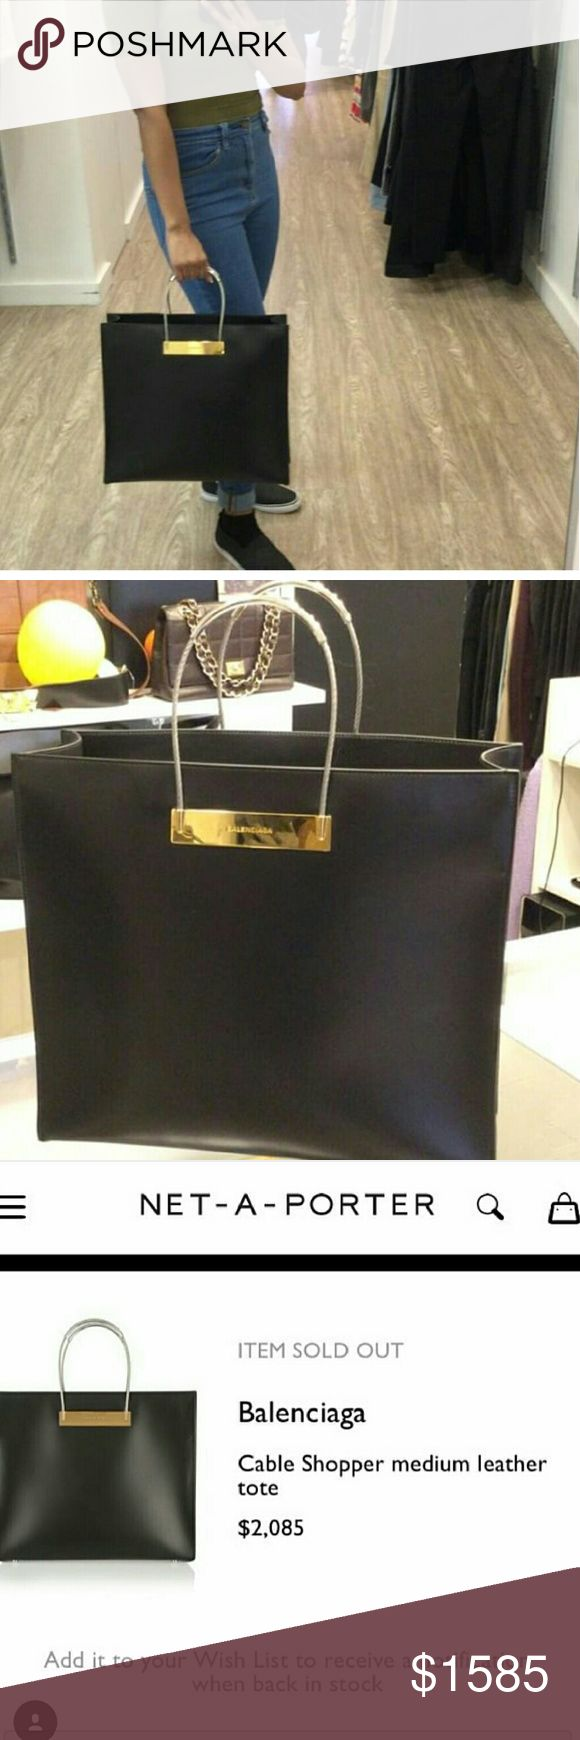 Balenciaga Tote Authentic Balenciaga Bags Totes